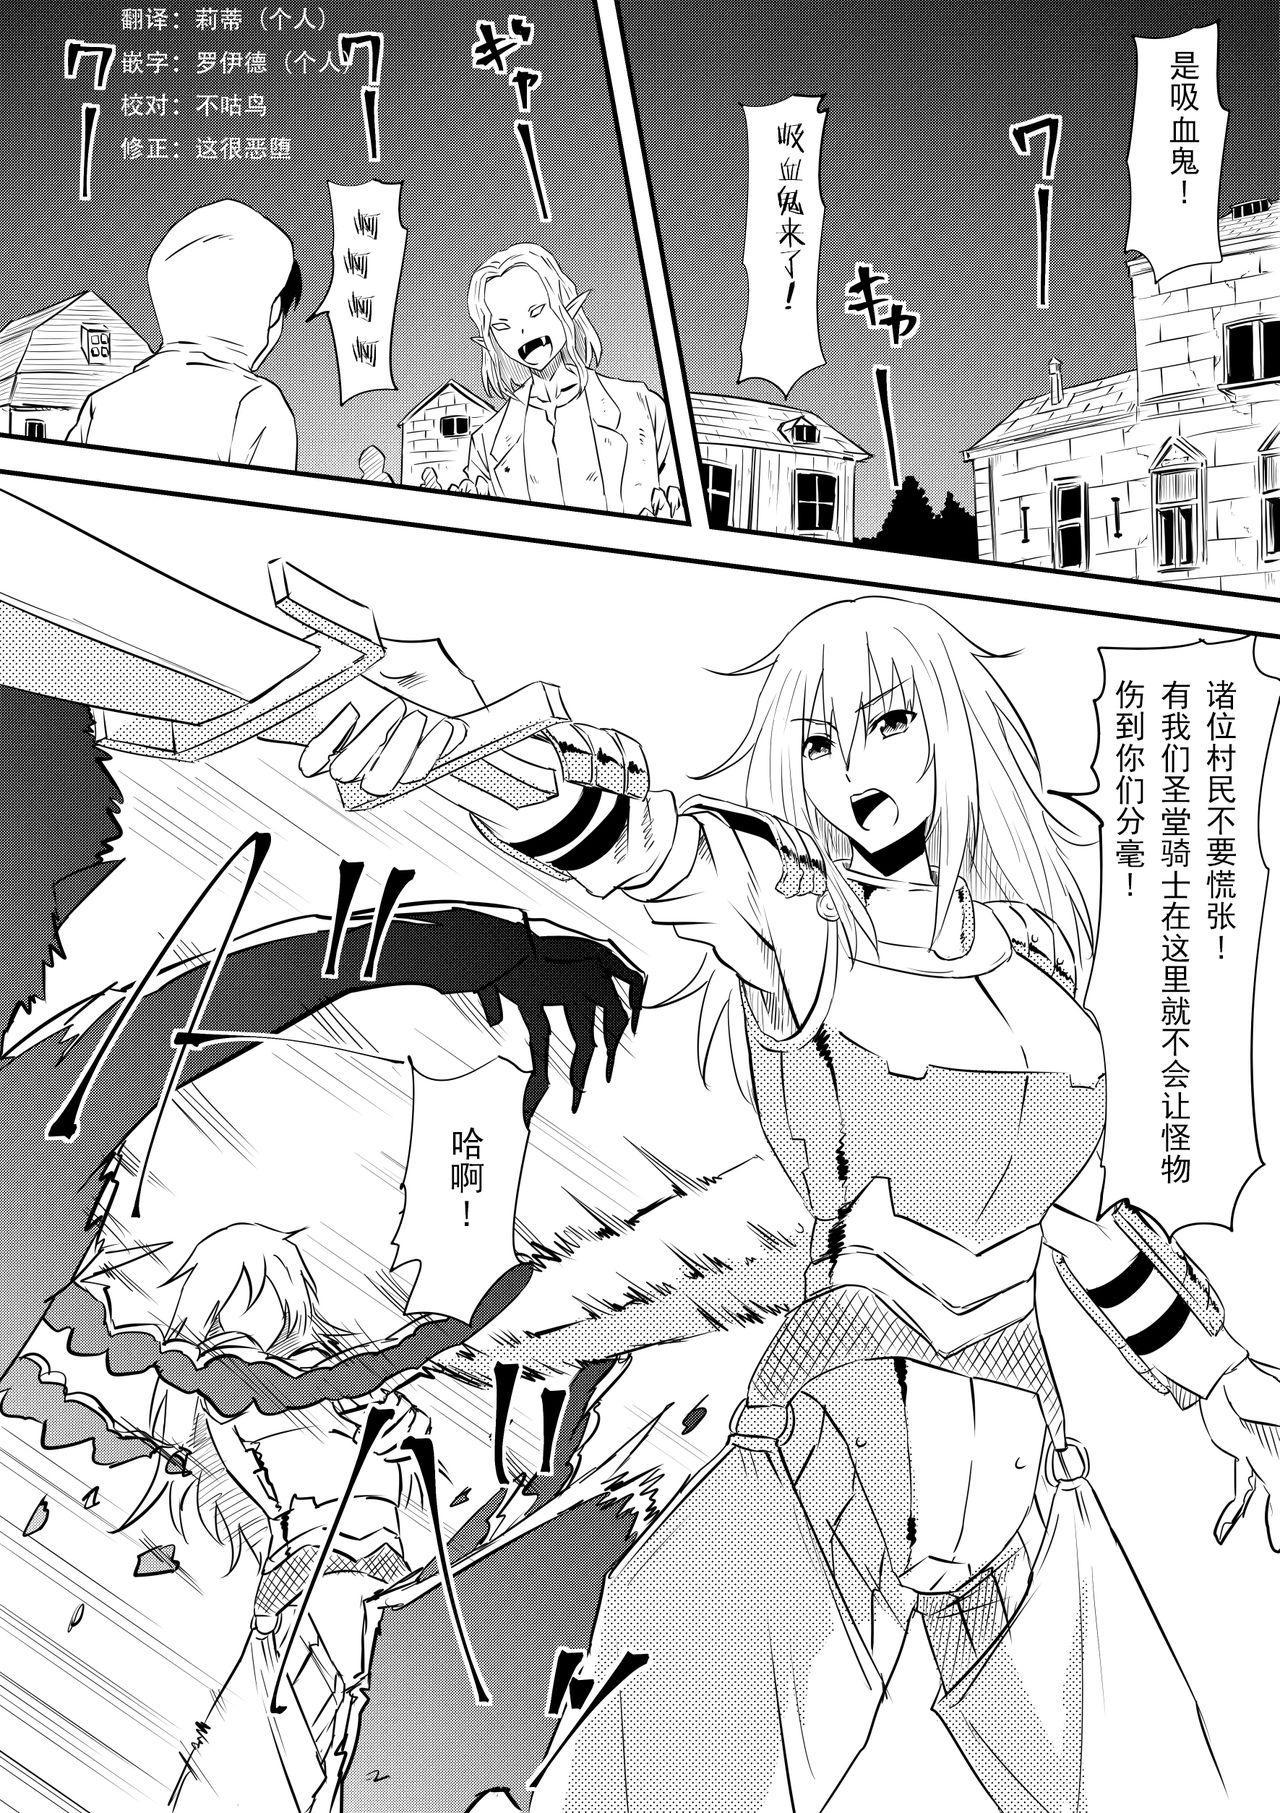 [Mikezoutei] Onna Kishi no Okaa-san ga Kyouseiteki ni Kyuuketsuki-ka Saserarete Otosareru Hanashi [Chinese] [恶堕*不咕鸟汉化组] 0